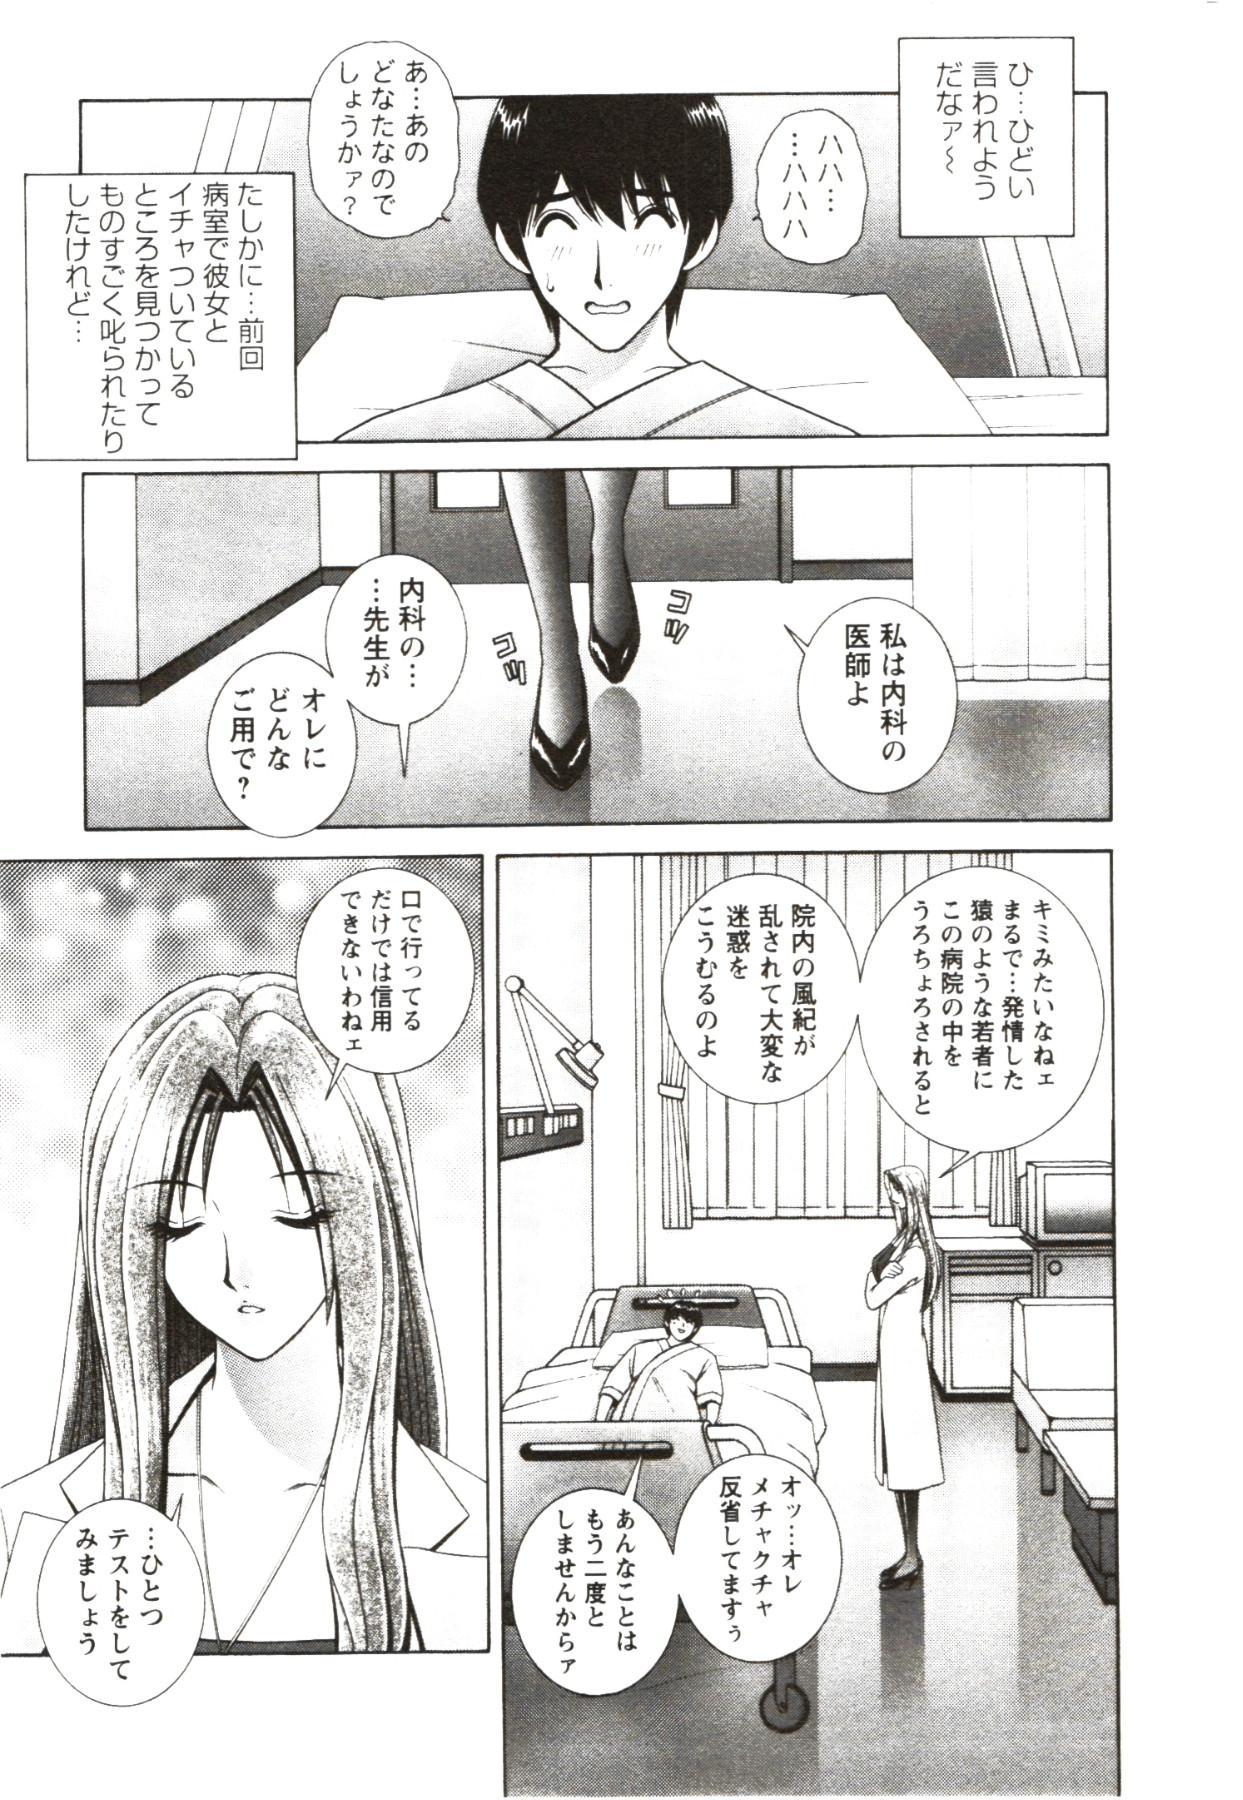 Futarigurashi 154